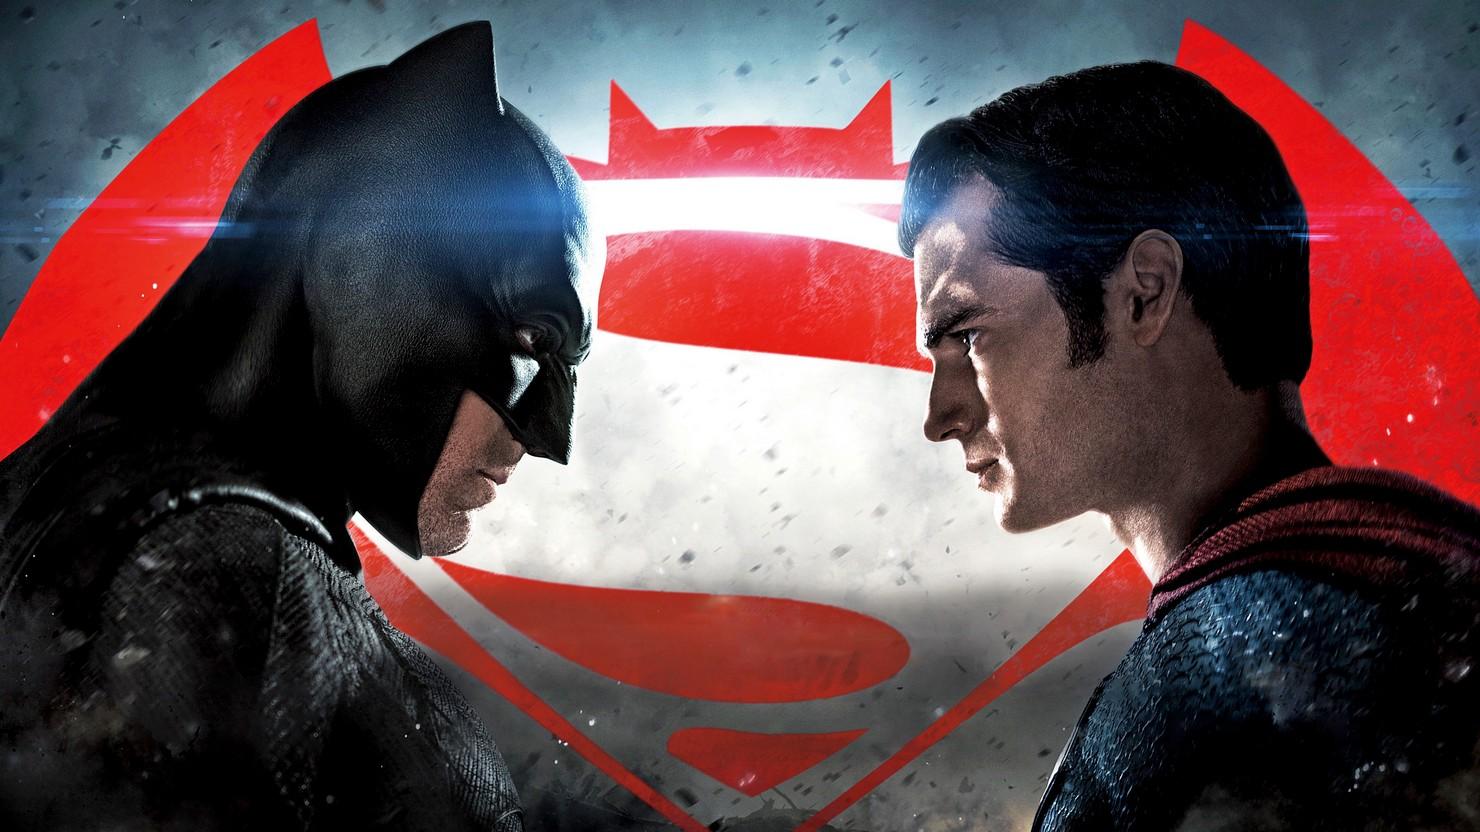 """Как Warner Bros. испоганила """"Бэтмена против Супермена"""" — сценарист """"Лиги справедливости Зака Снайдера"""" рассказал о тёмном закулисье фильма"""